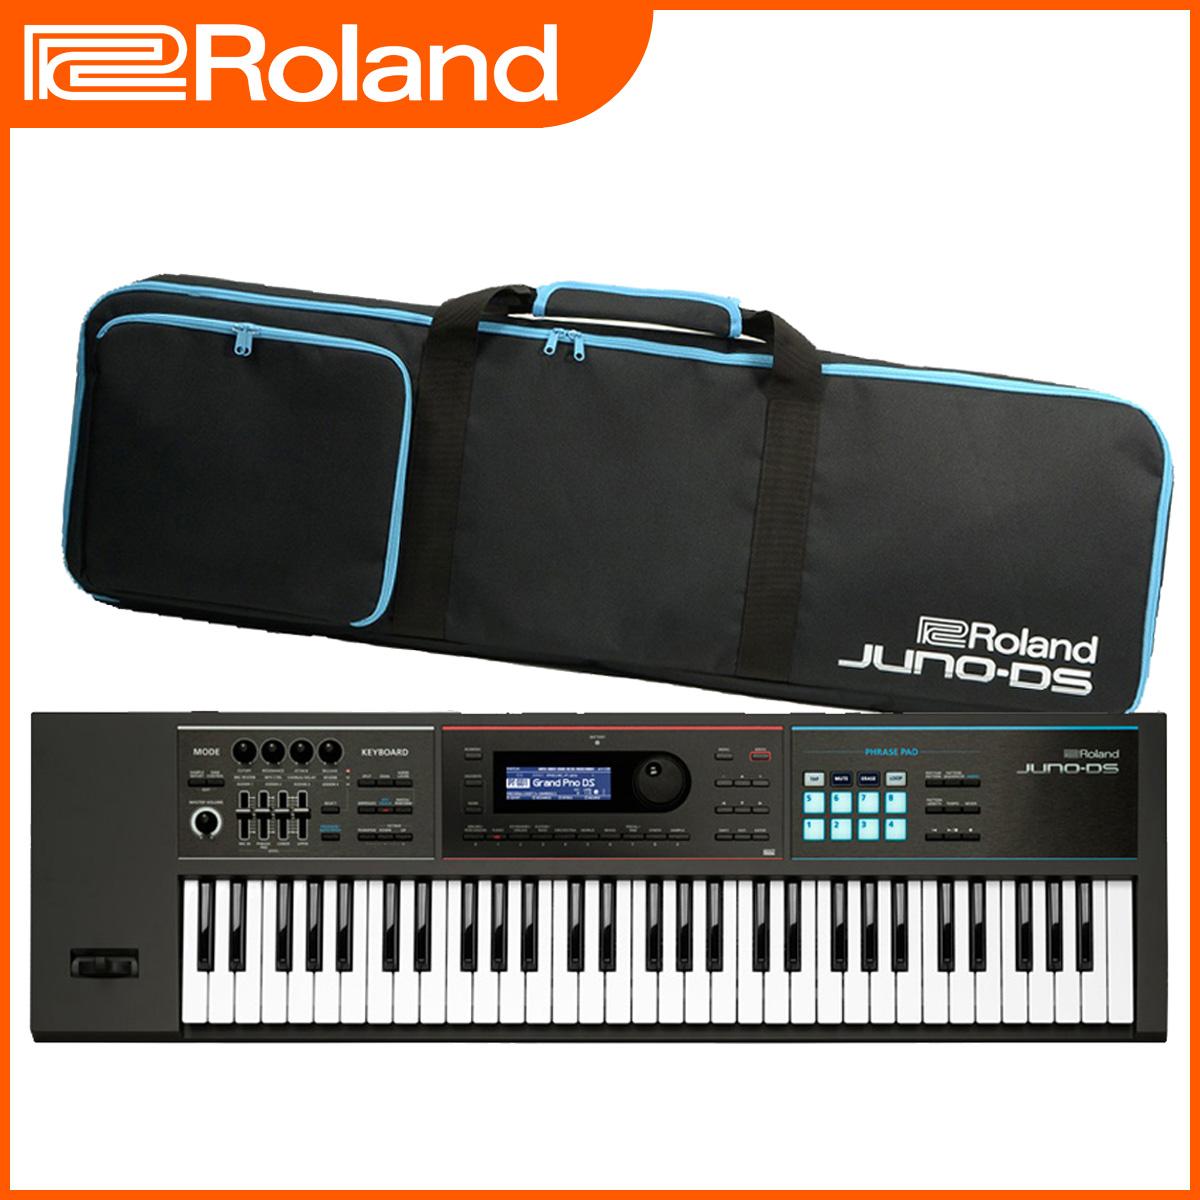 【在庫あり】Roland ローランド / JUNO-DS61 シンセサイザー (JUNO-DS)《背負えるケース・特典付き:78610》【YRK】